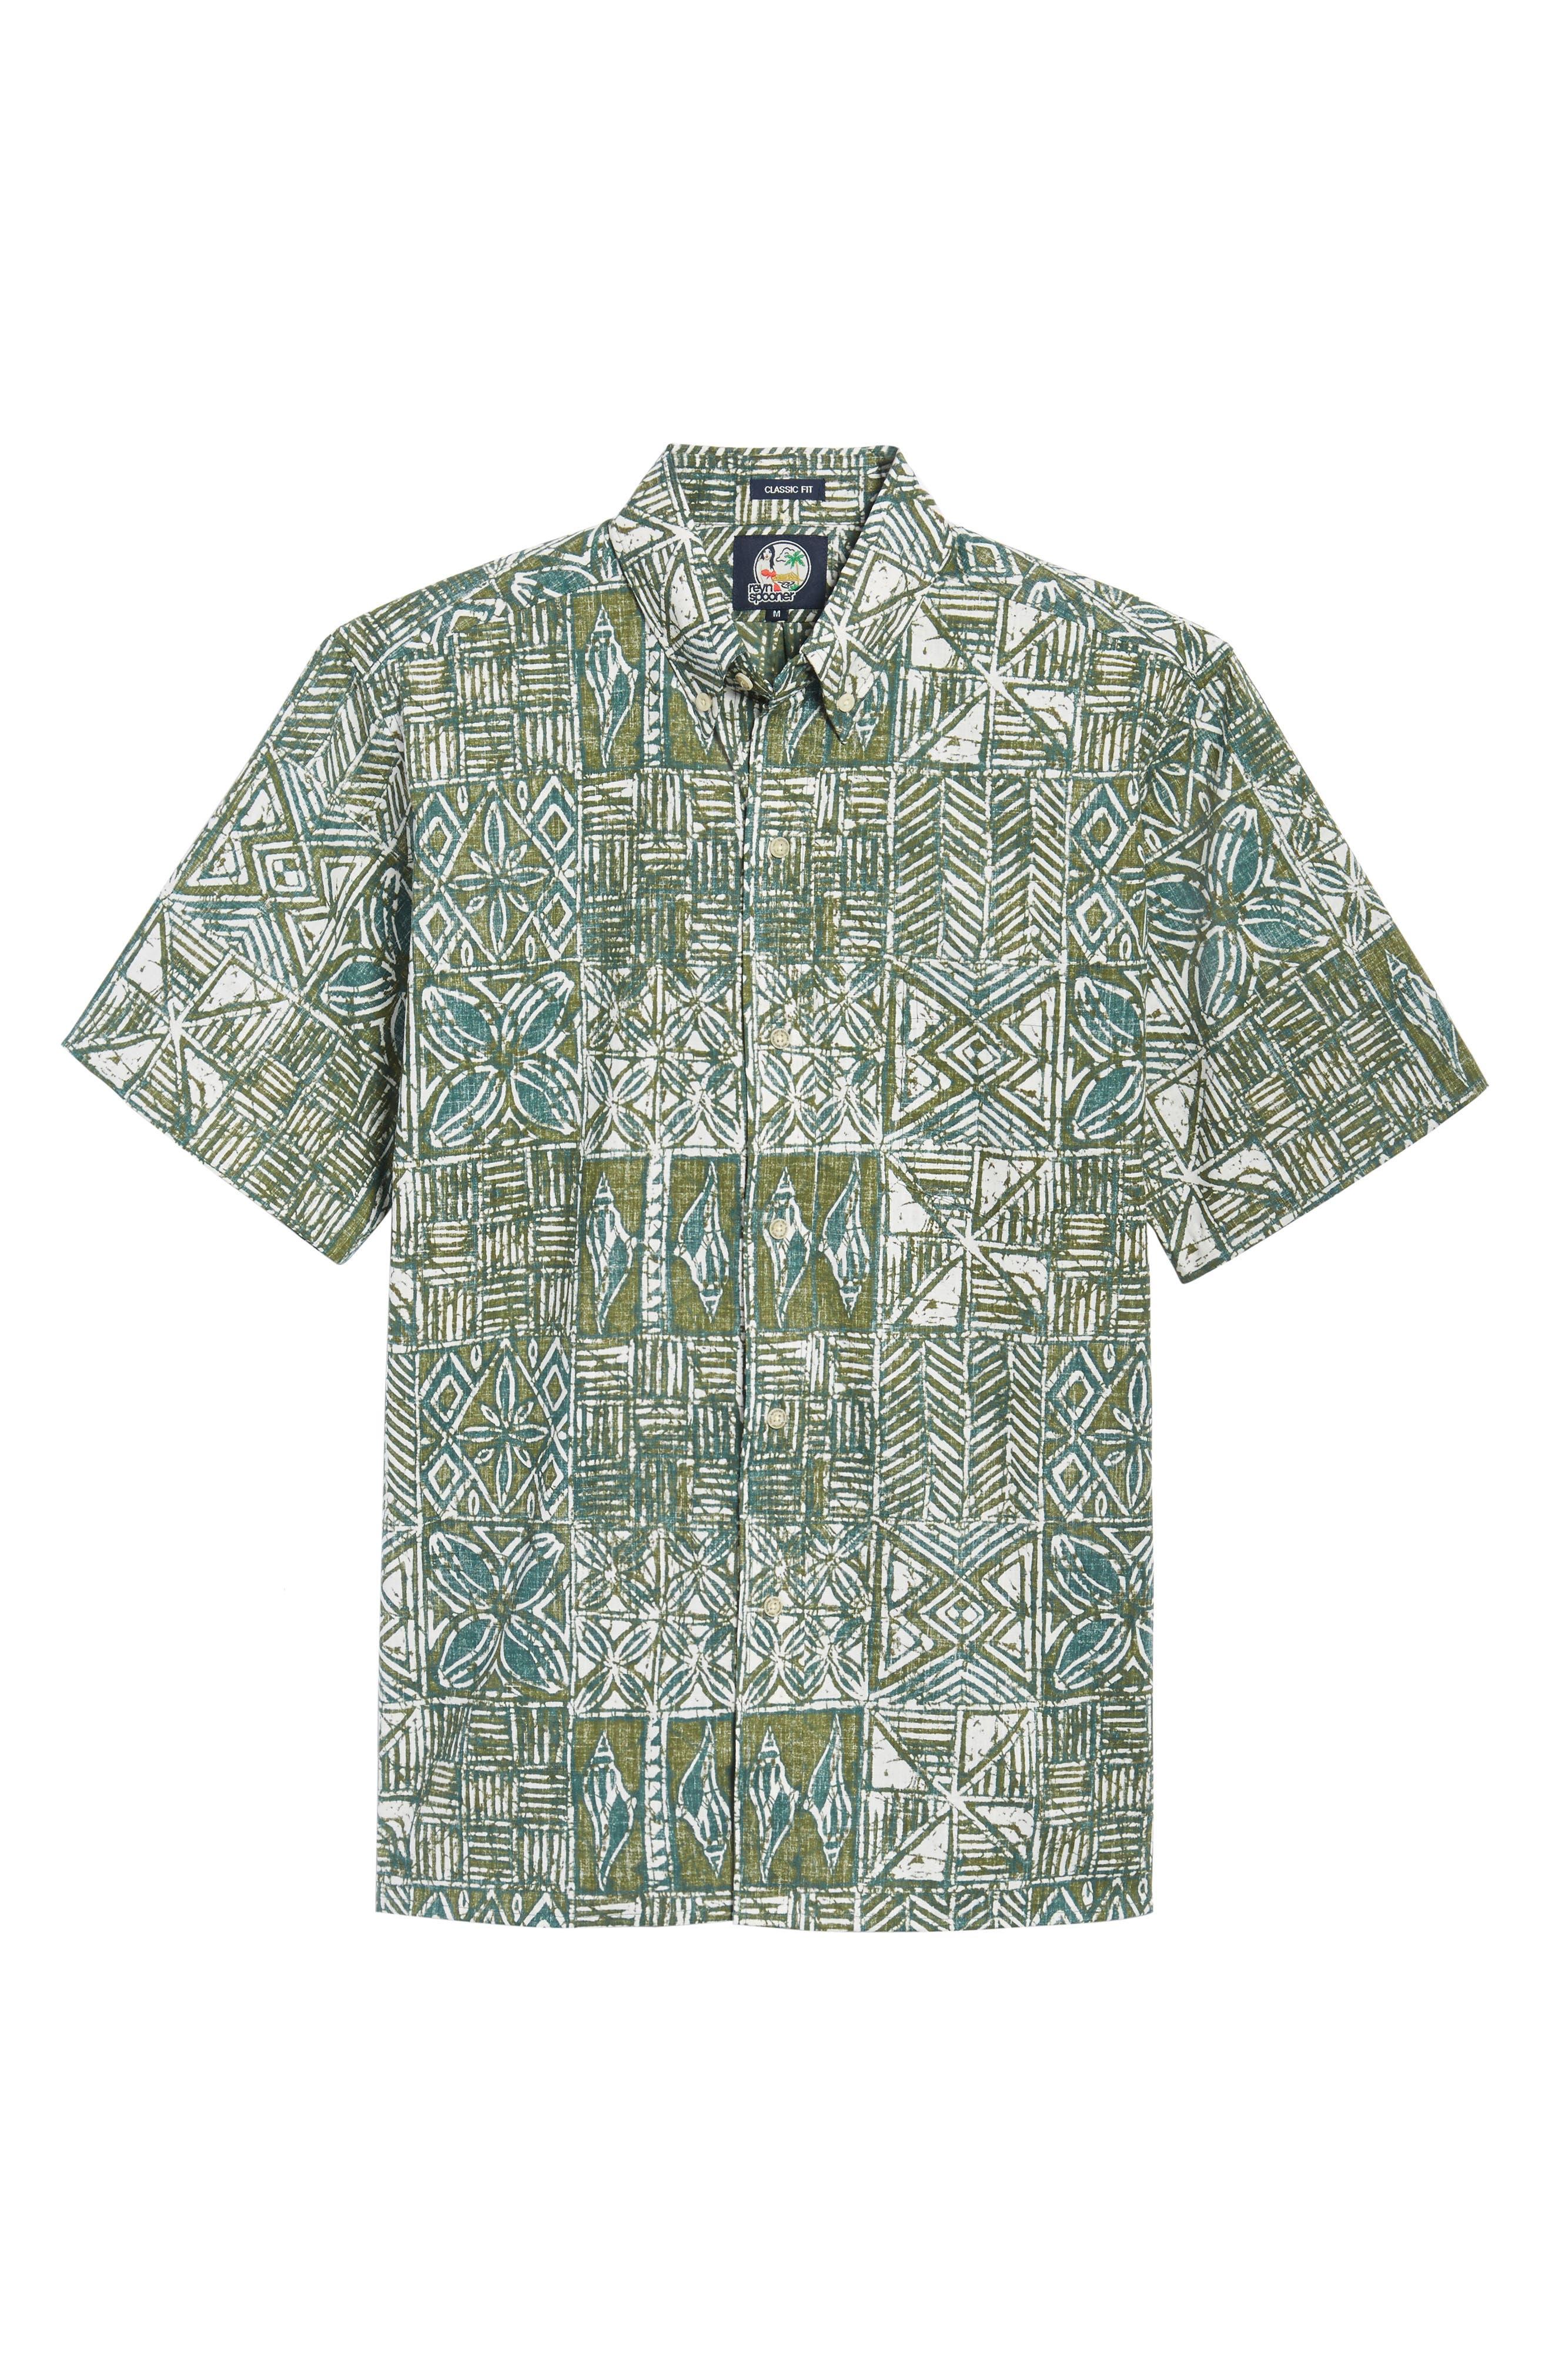 Leho Kapa Classic Fit Sport Shirt,                             Alternate thumbnail 6, color,                             315